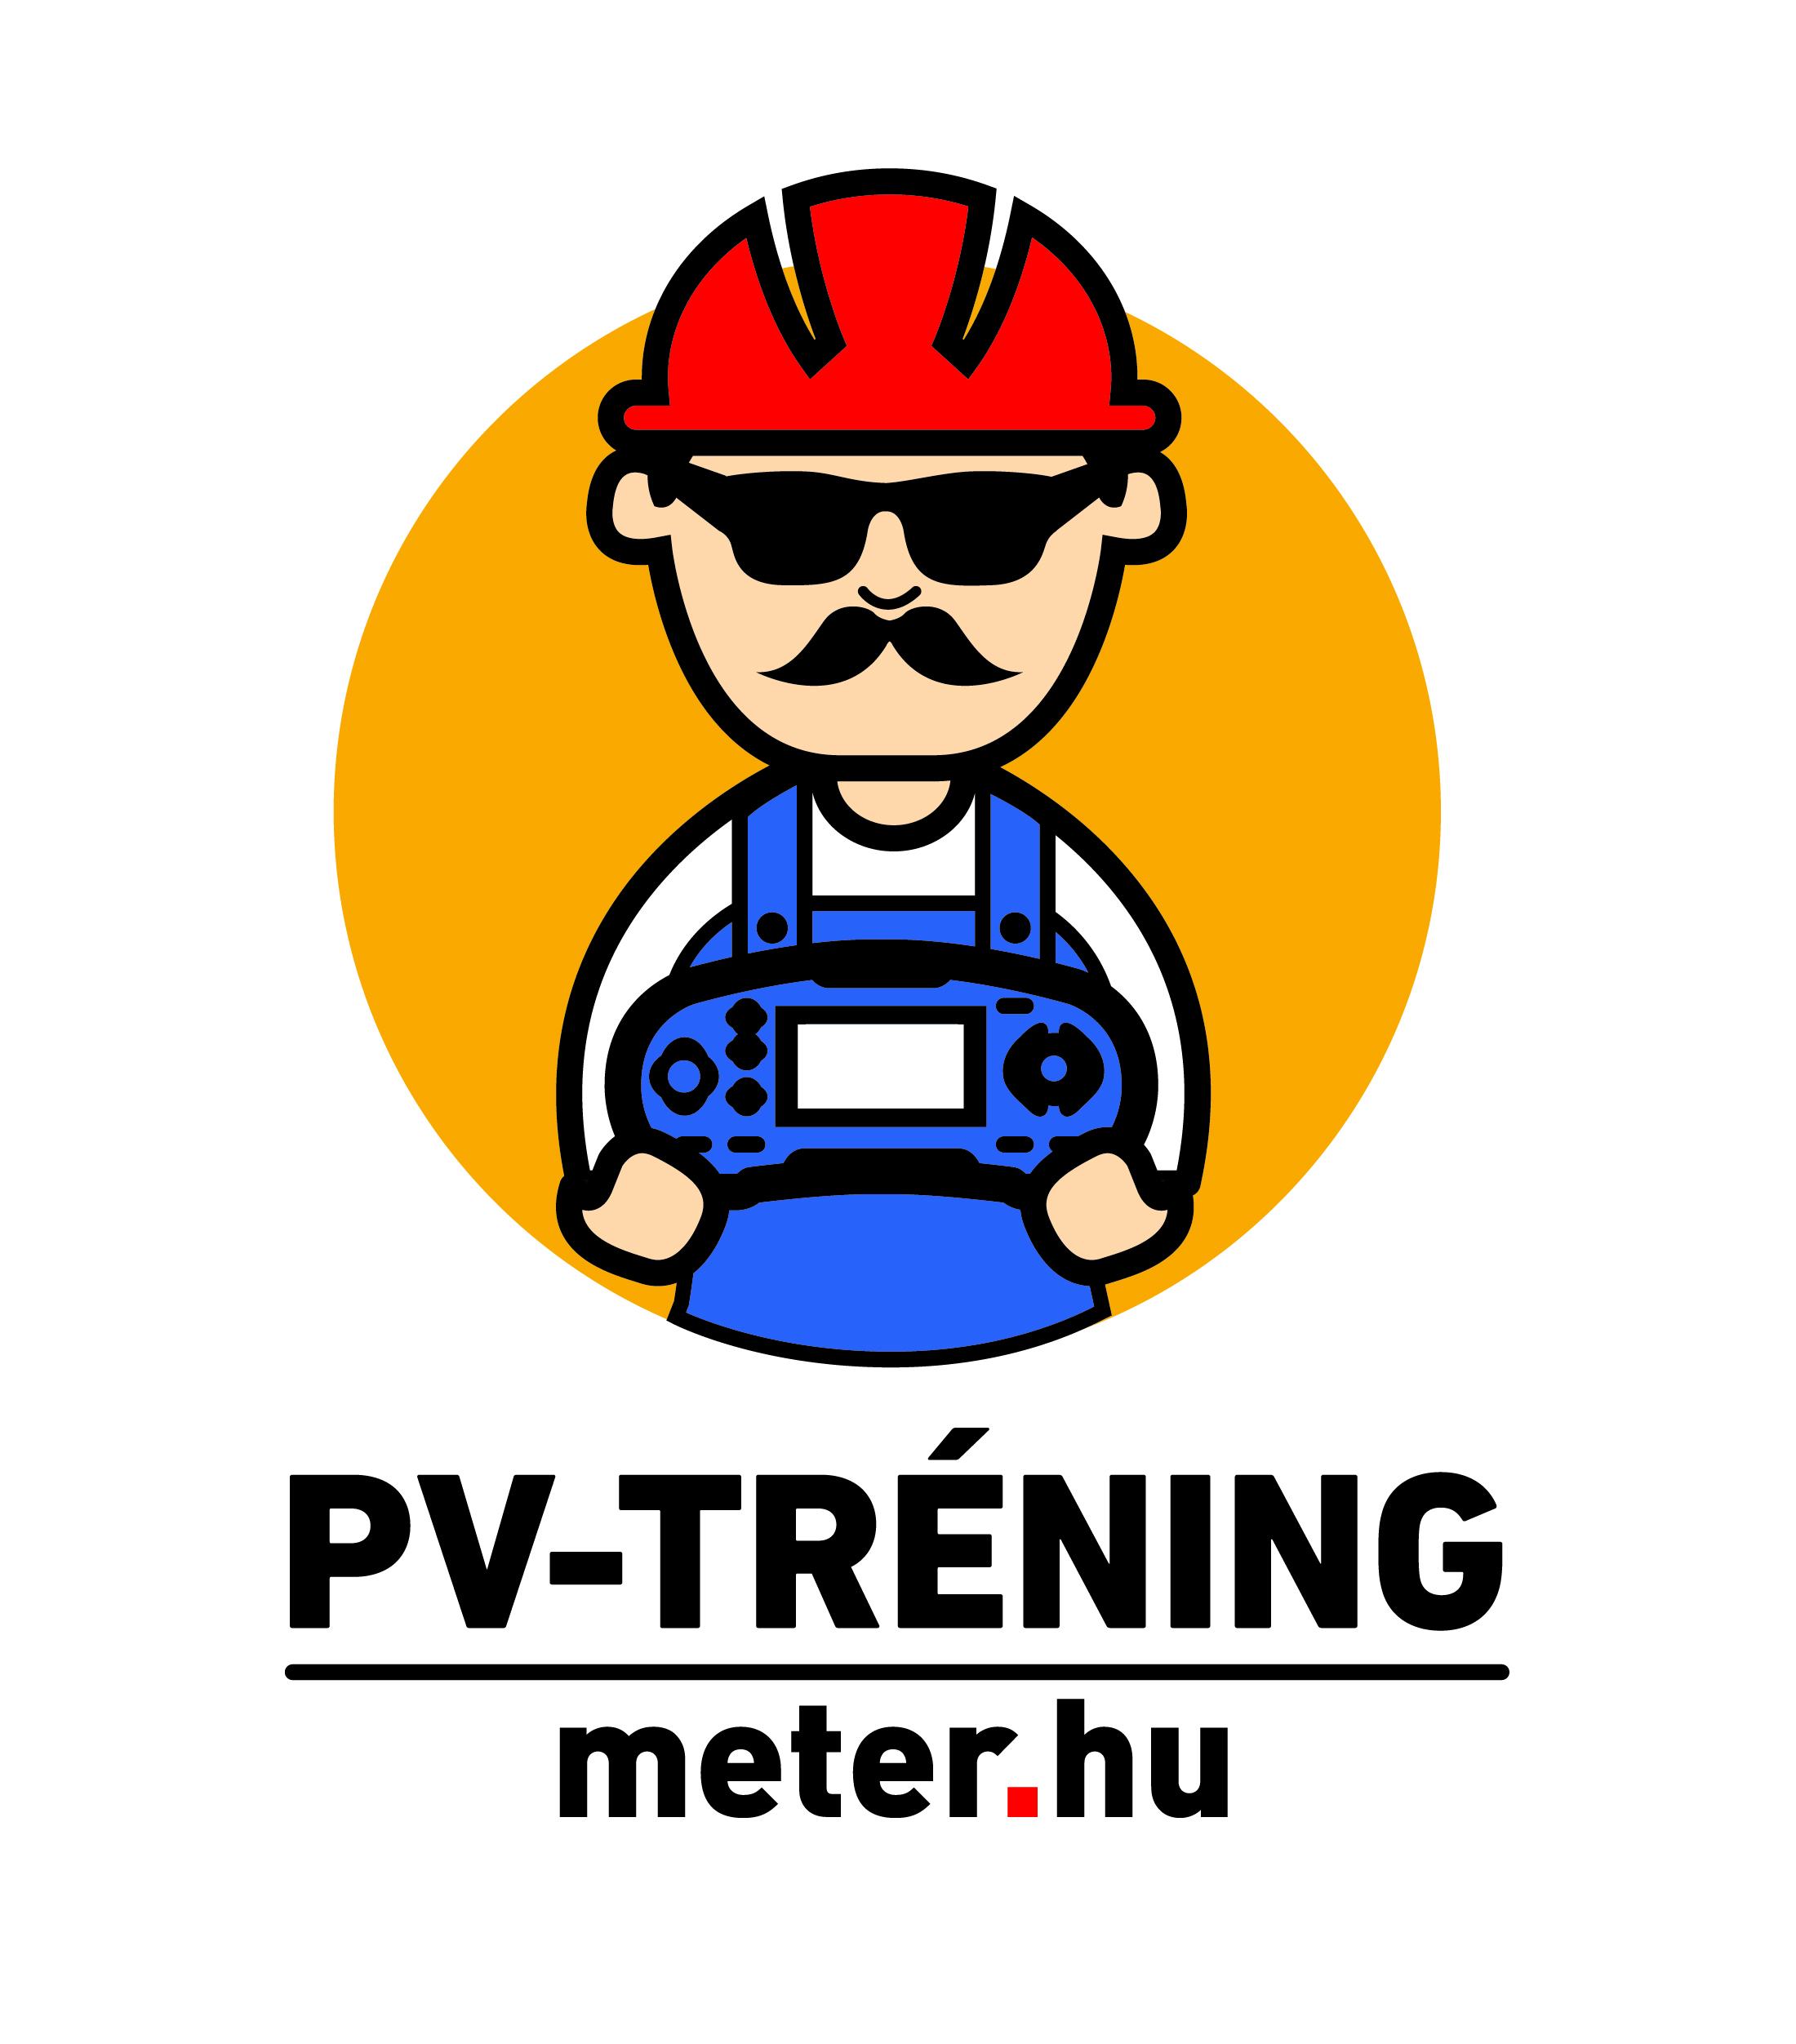 pv_trening